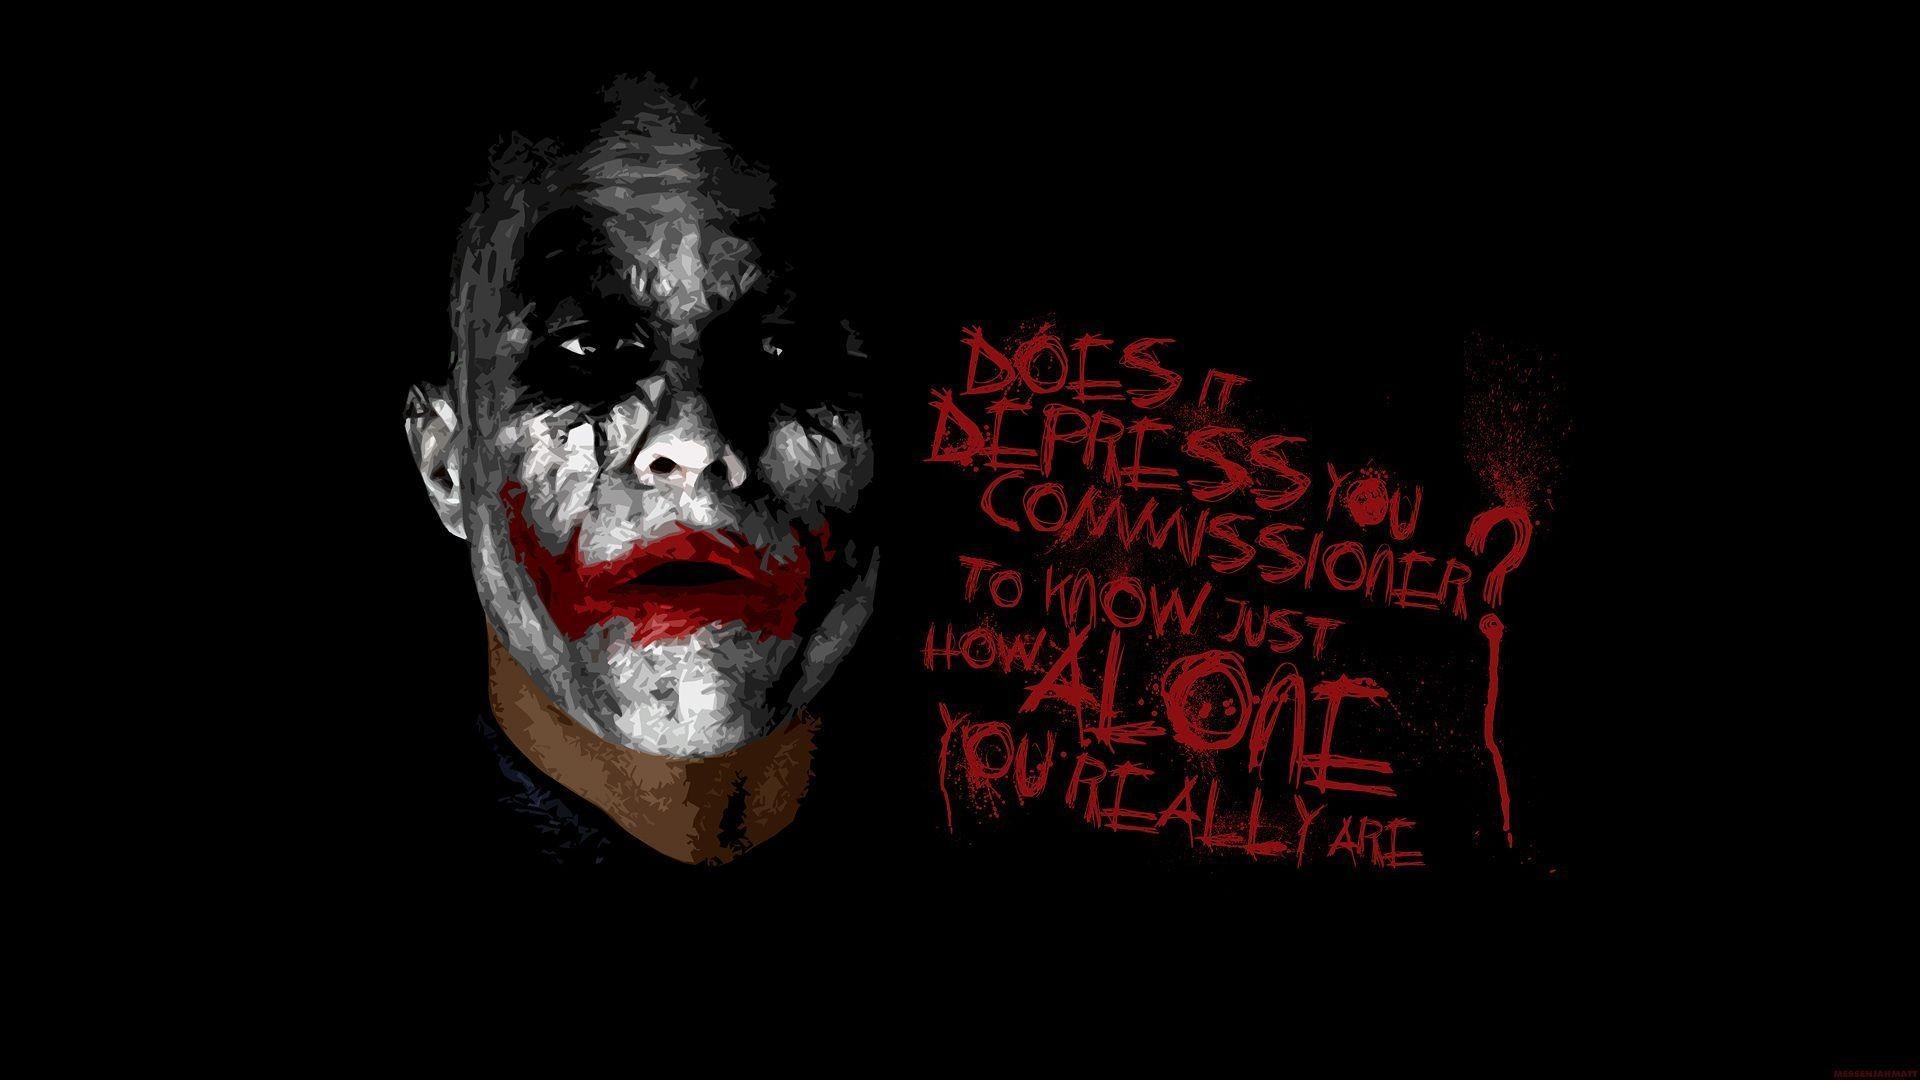 Joker Wallpaper 05 – HD Wallpaper, Wallpaper Pics – The Best .